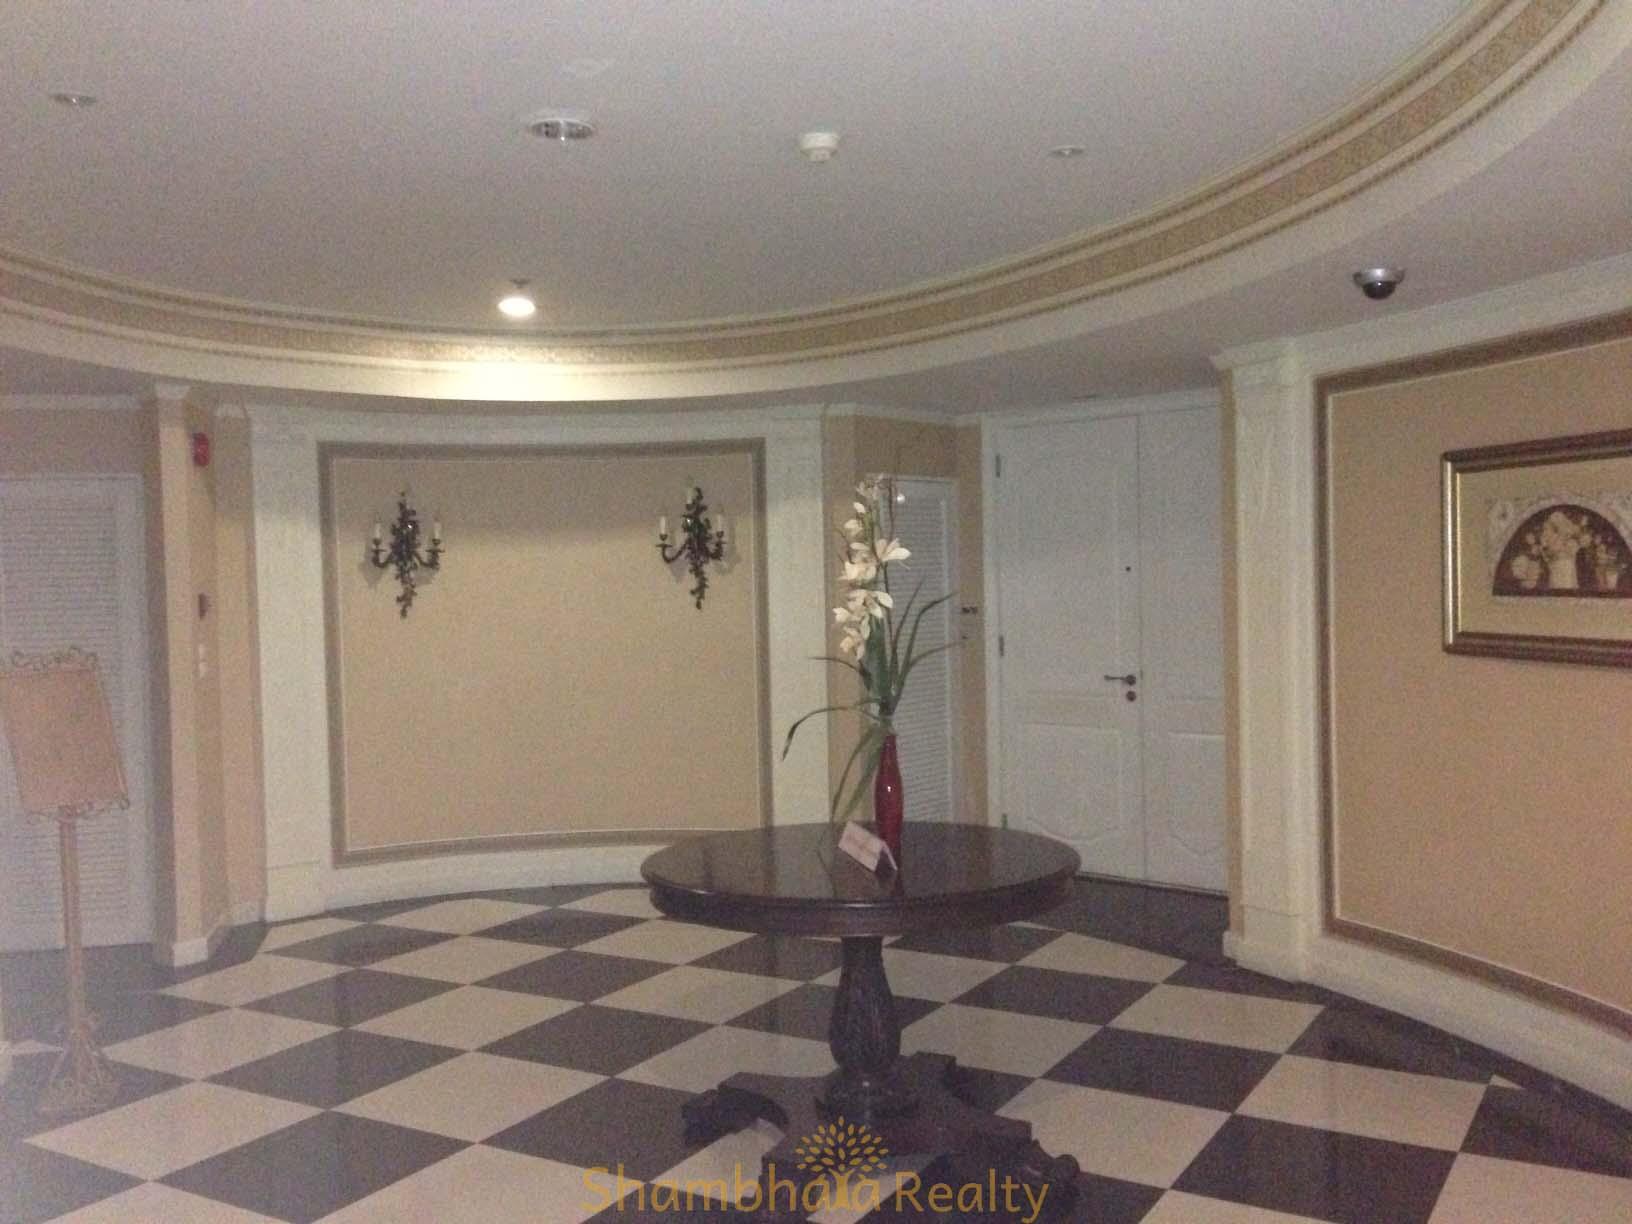 Shambhala Realty Agency's For Sale: La Vie En Rose, 3 Bed/4 Bath, Good location condo in Thonglor area 8